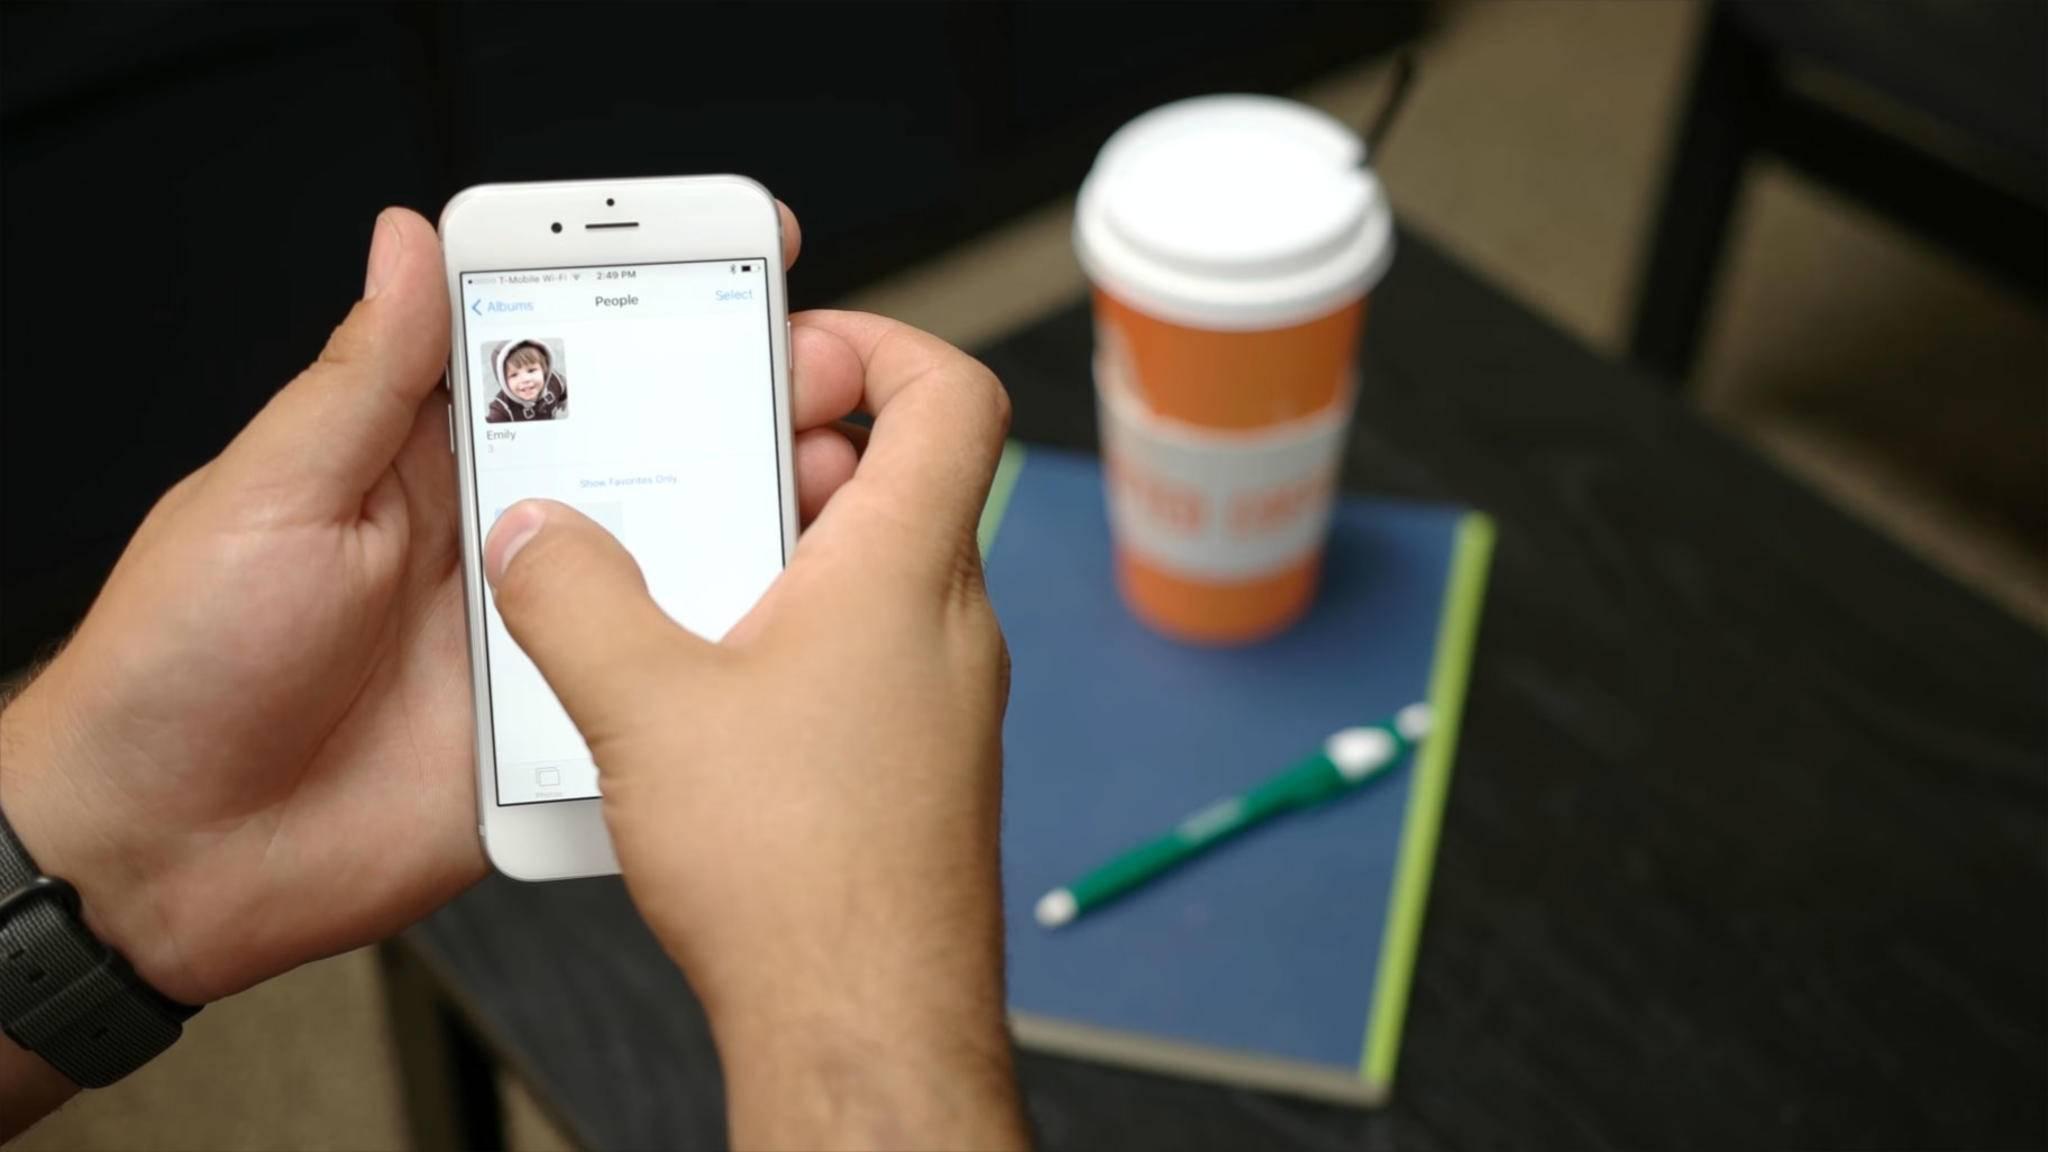 Steve Jobs entwickelte das iPhone offenbar aus einem bislang unbekannten Grund.